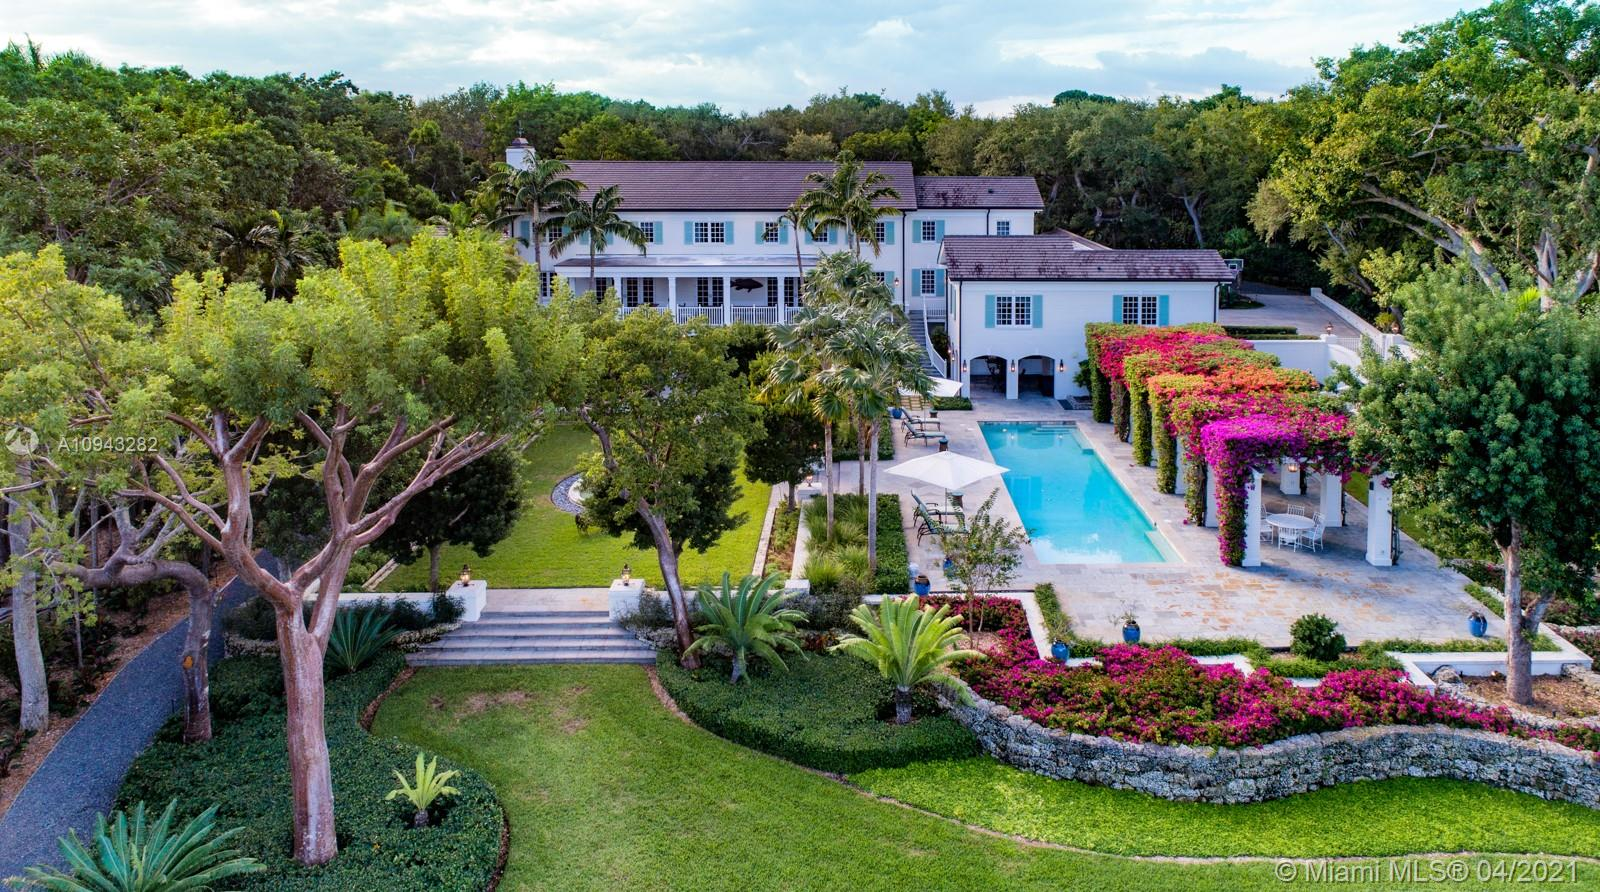 8585 Old Cutler Rd, Coral Gables, Florida 33143